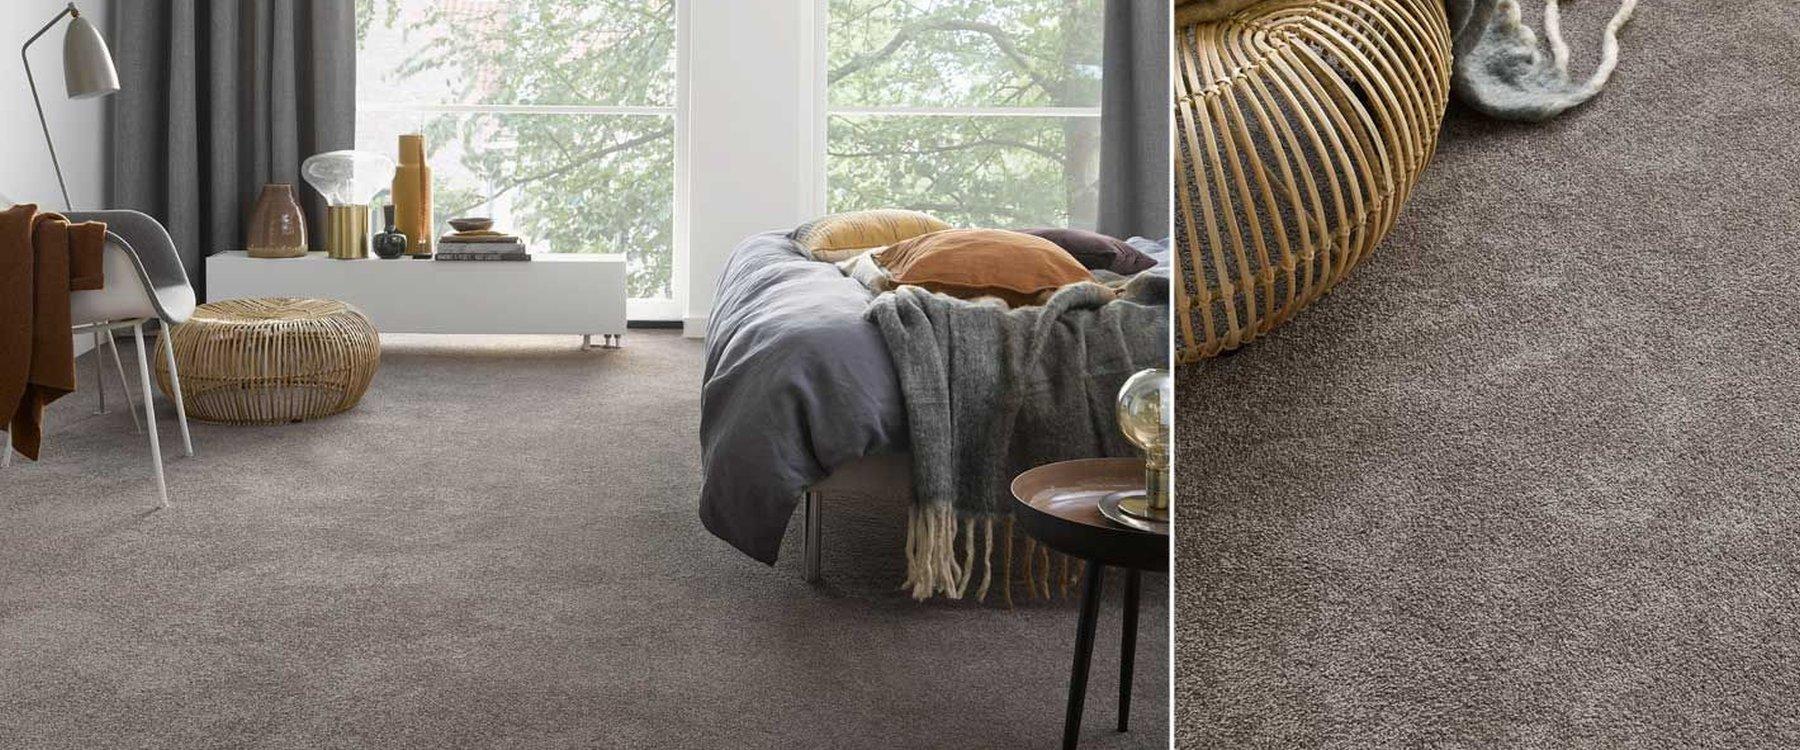 Geluiddempend tapijt